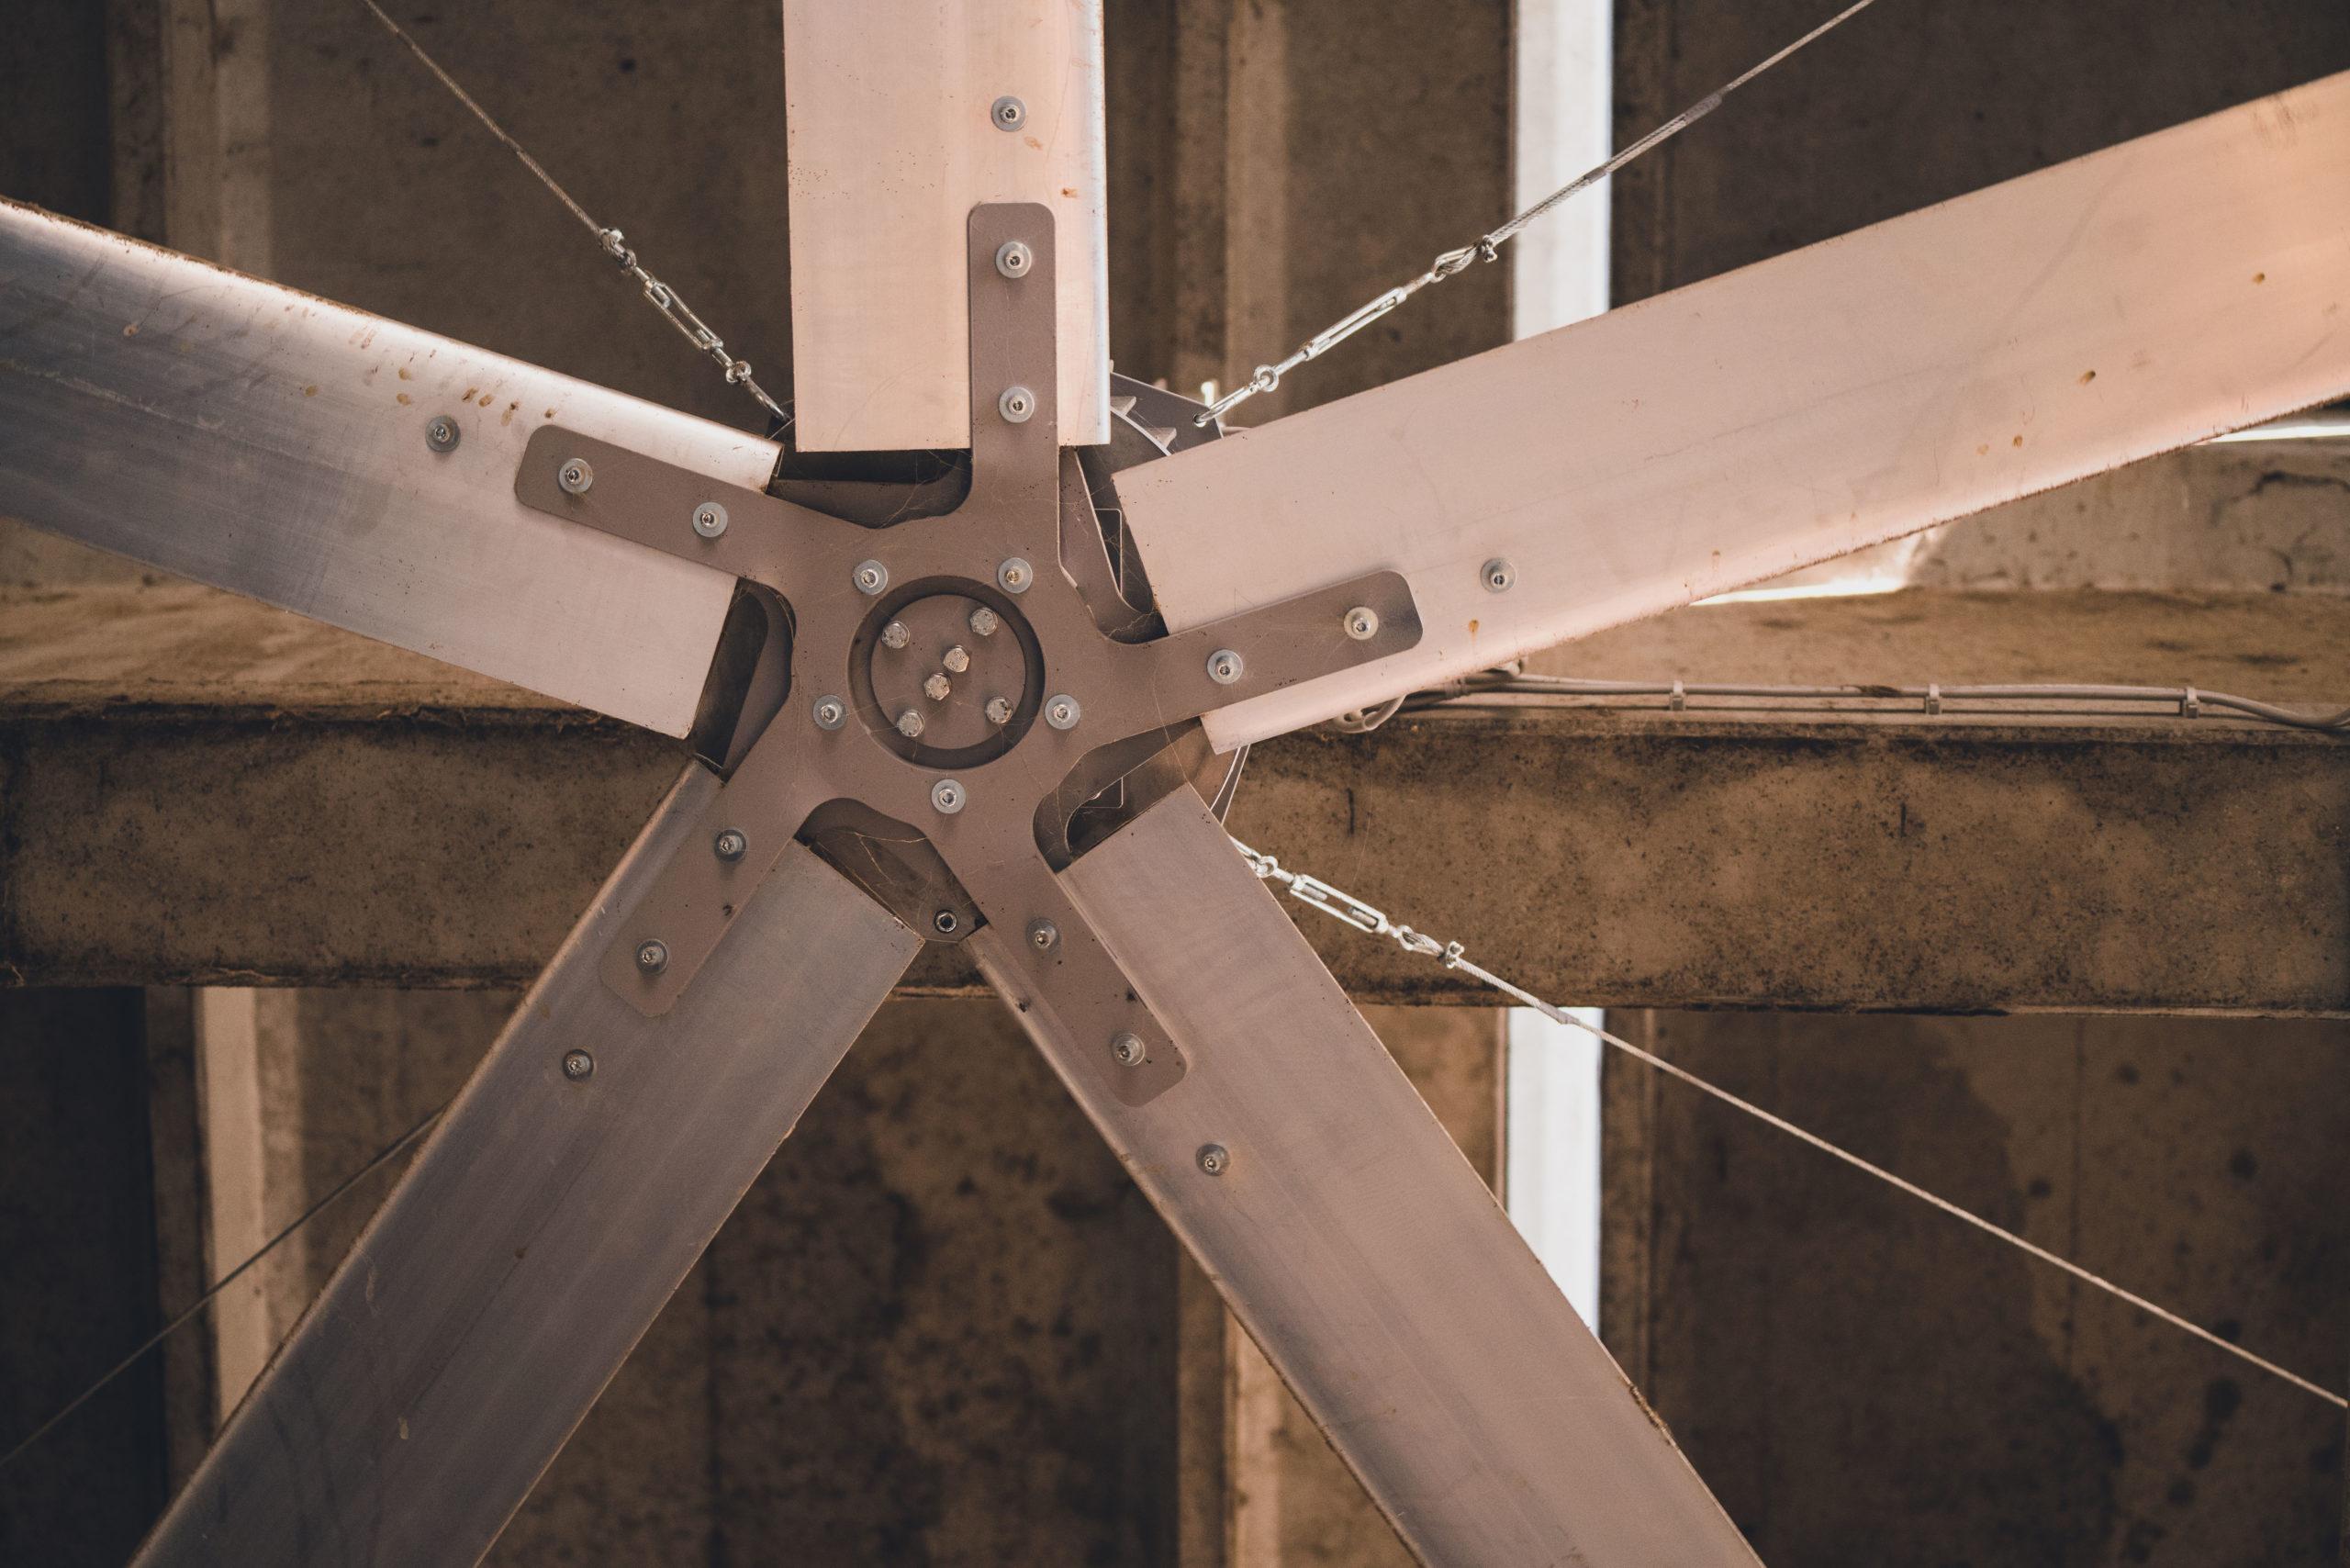 Optimvent® - Los mejores Ventiladores Industriales HVLS de techo - Ventiladores HVLS Optimvent - OptimVent HVLS Ventus 70 scaled - Optimvent® - Los mejores Ventiladores Industriales HVLS de techo